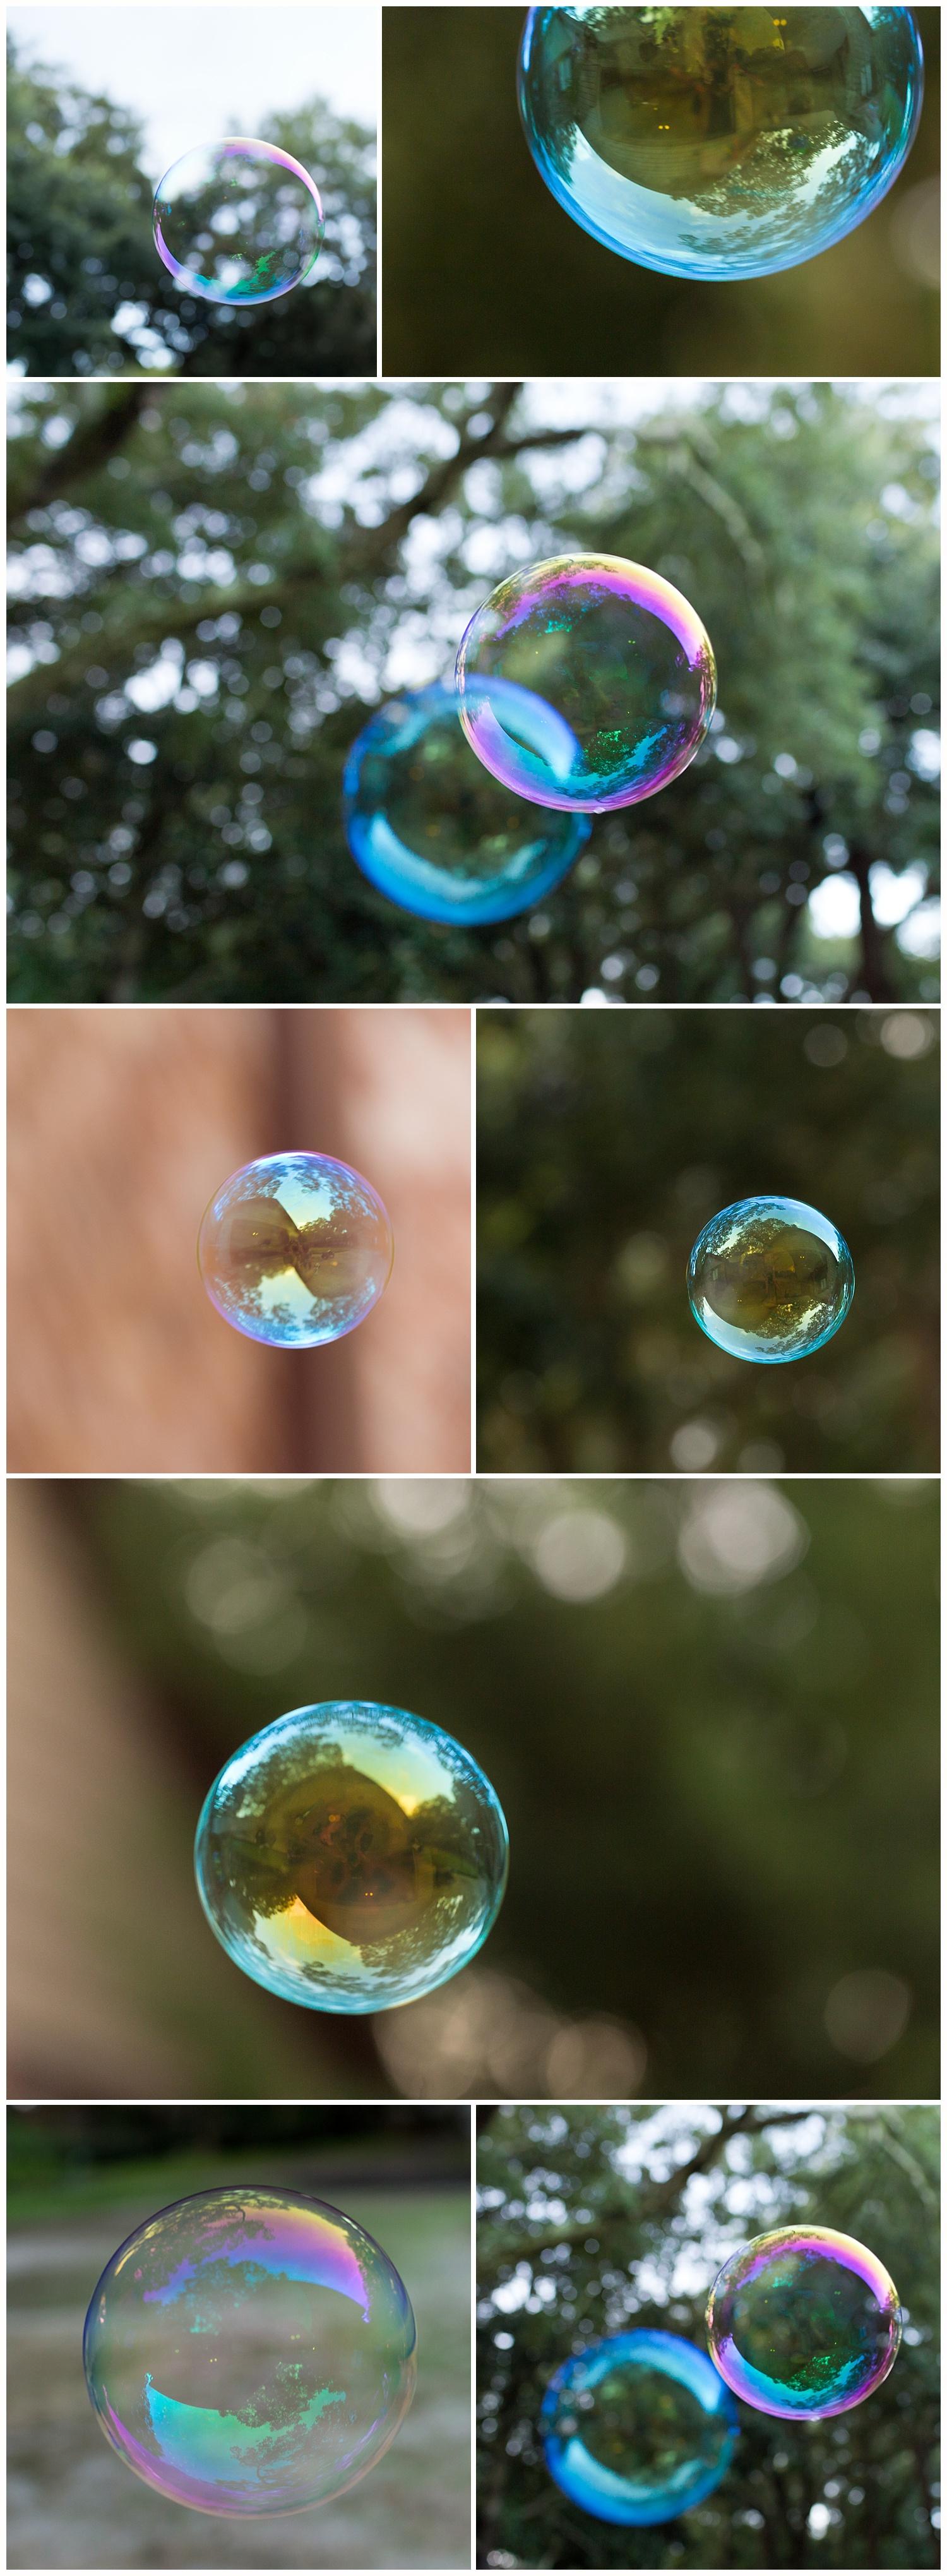 blowing bubbles - bubble photography